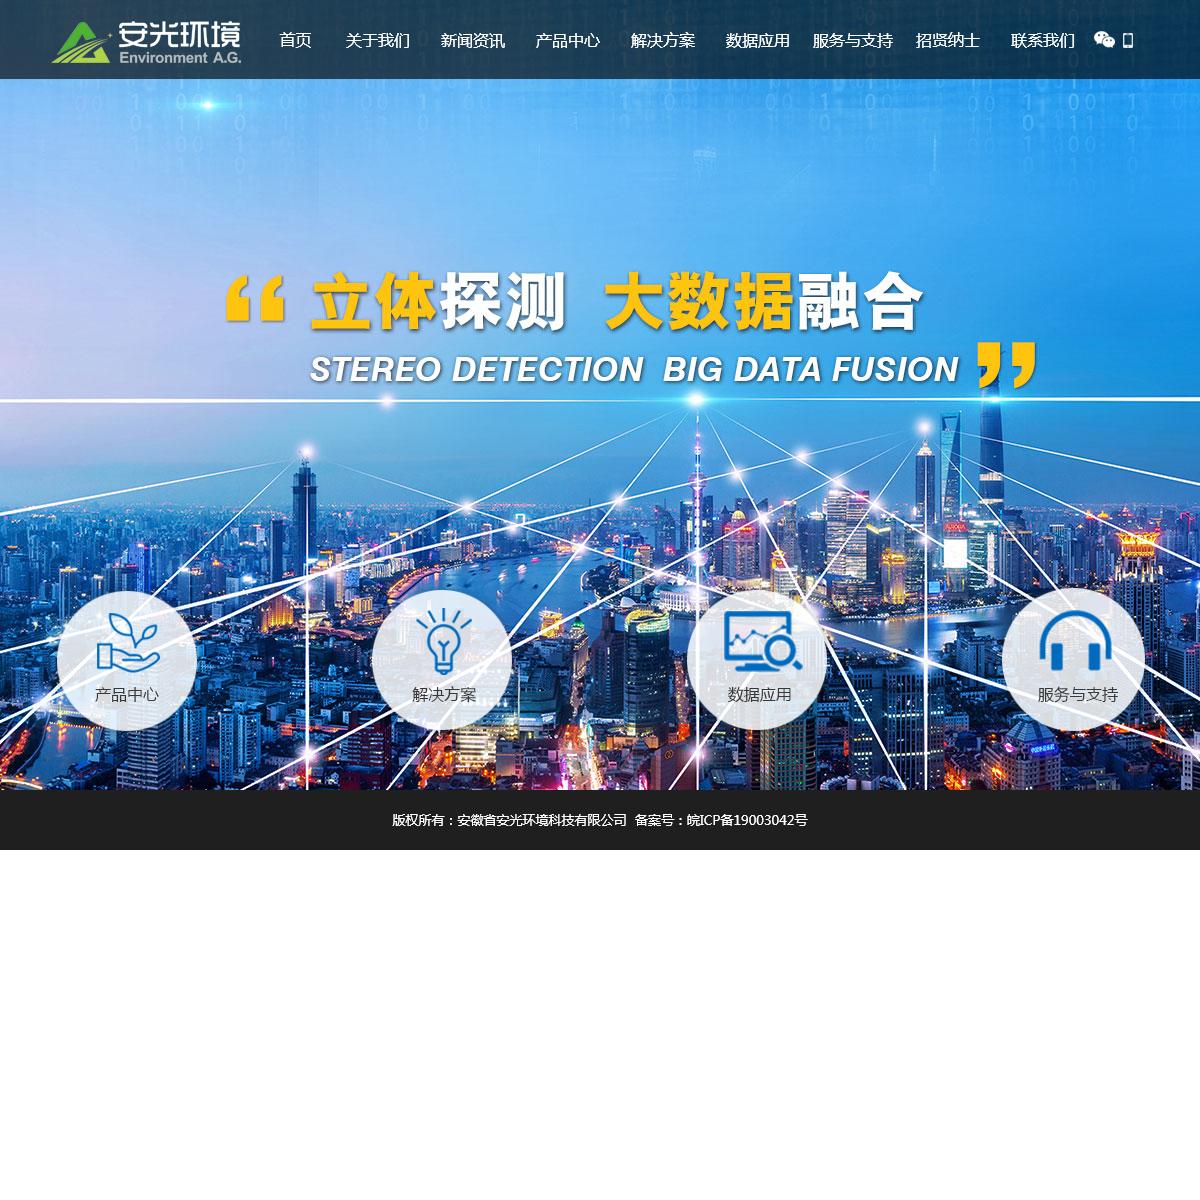 安徽省安光环境科技有限公司